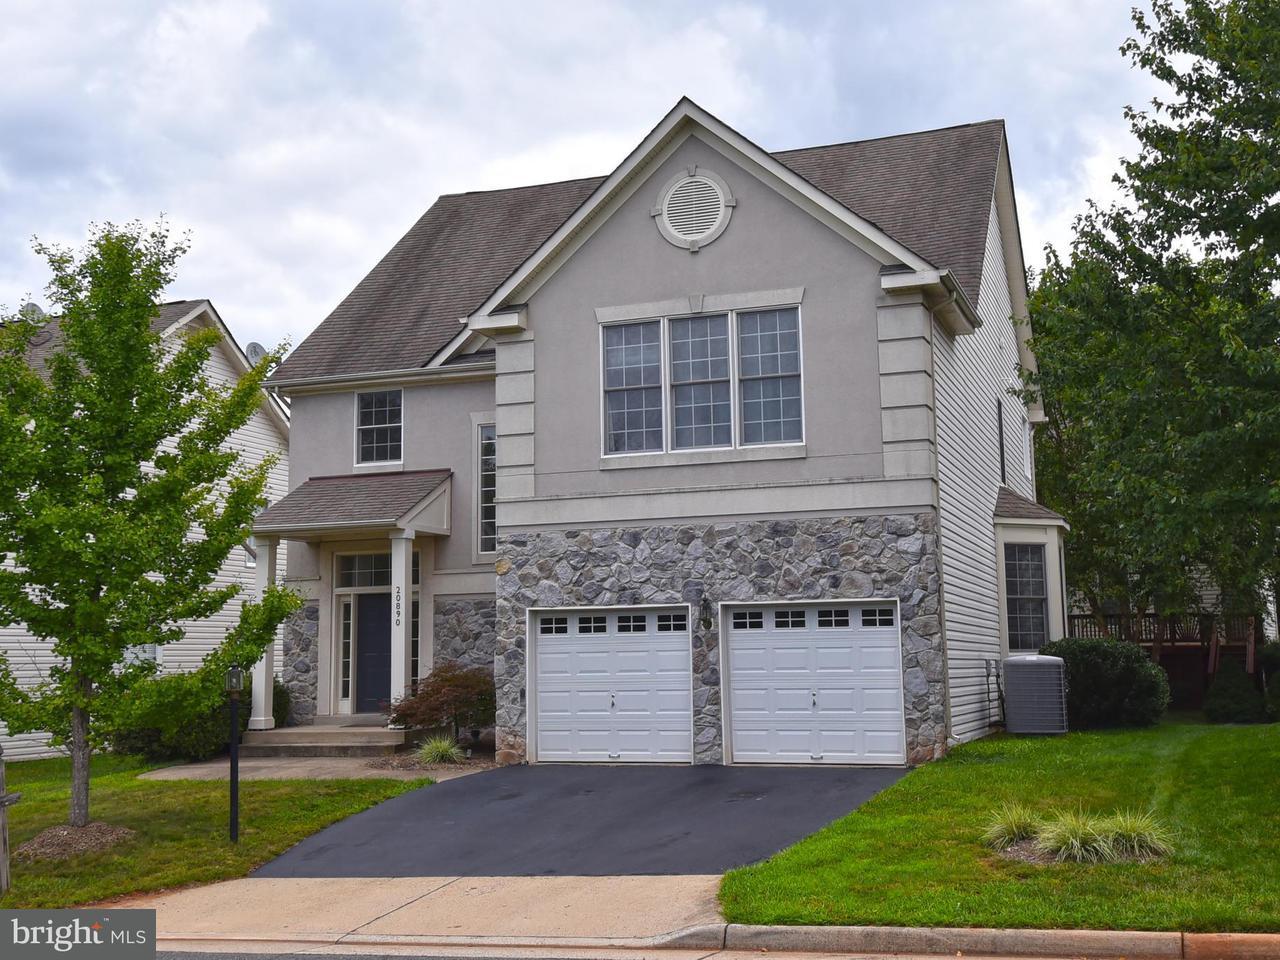 단독 가정 주택 용 매매 에 20890 SERENITY Court 20890 SERENITY Court Potomac Falls, 버지니아 20165 미국